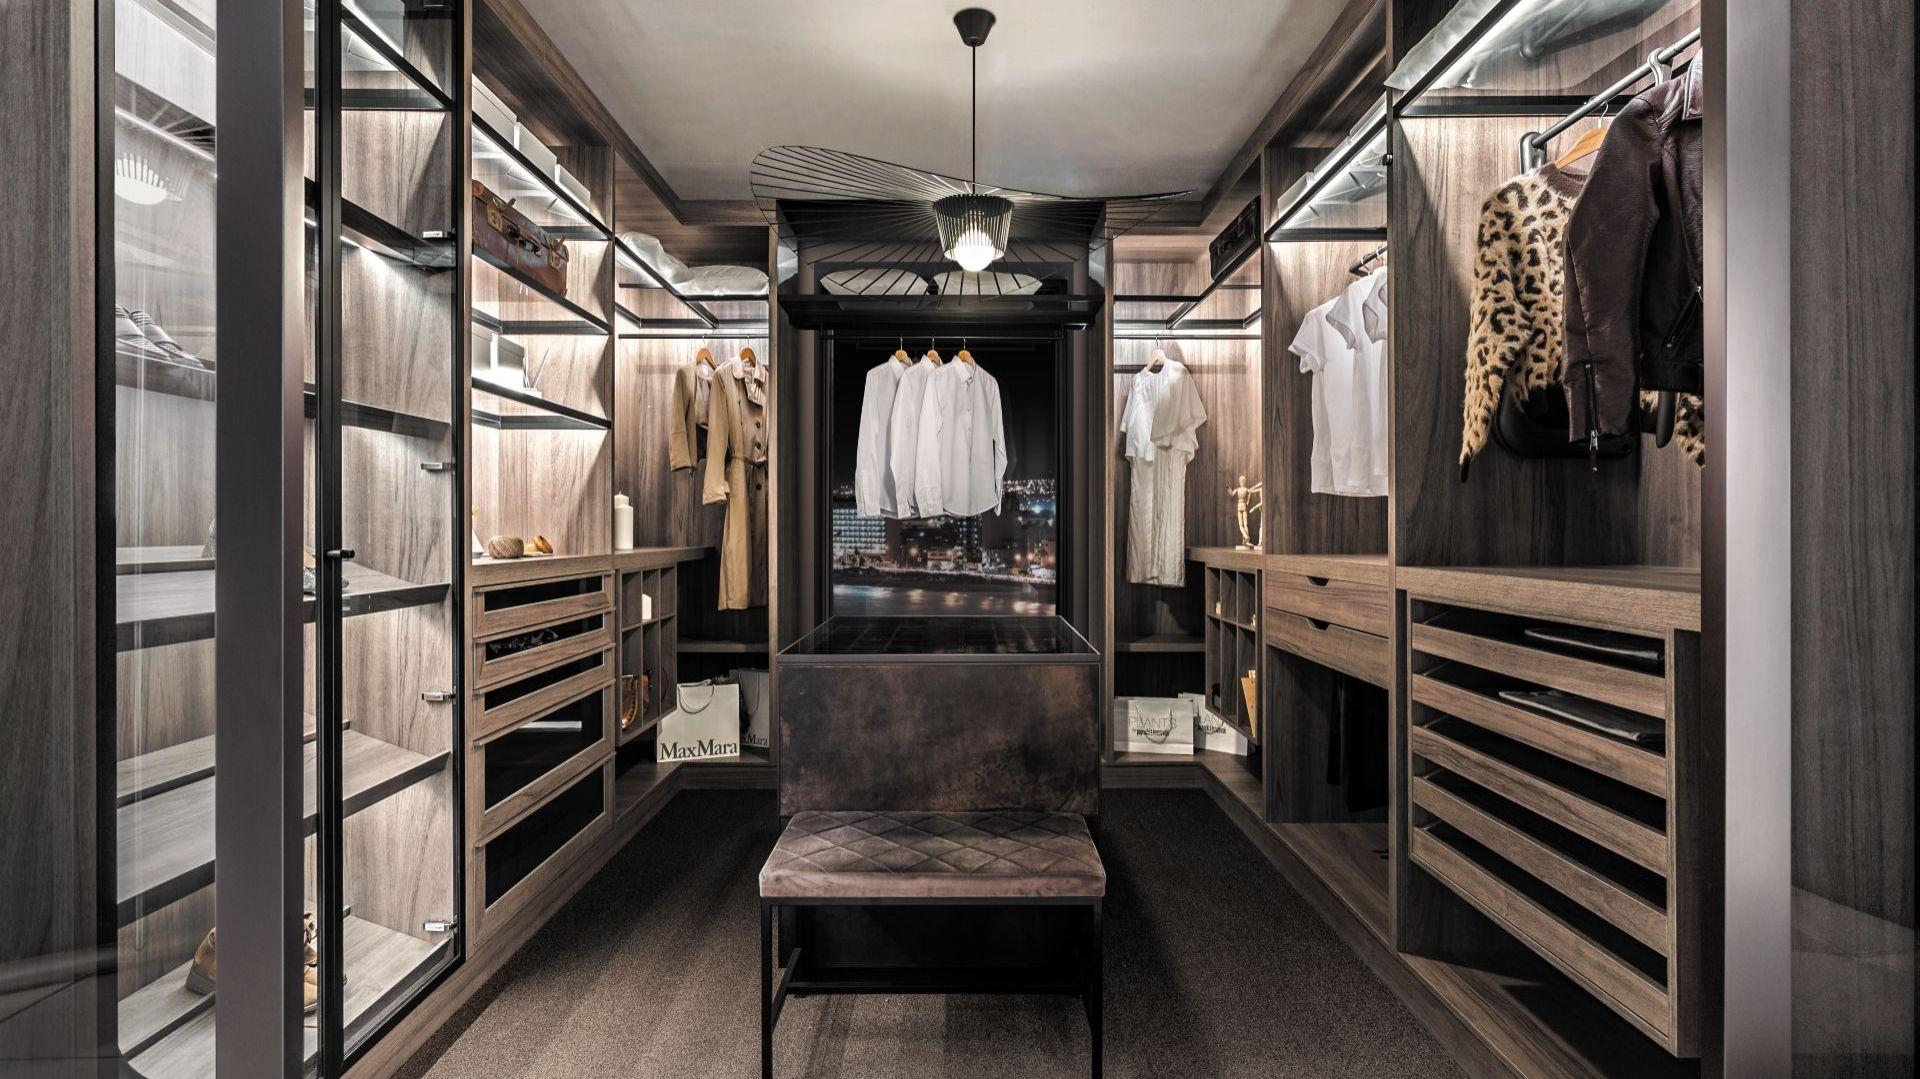 Dobrze zaprojektowana garderoba ułatwia przechowywanie i segregowanie ubrań, dodatków i różnego rodzaju akcesoriów. Fot. ernestrust